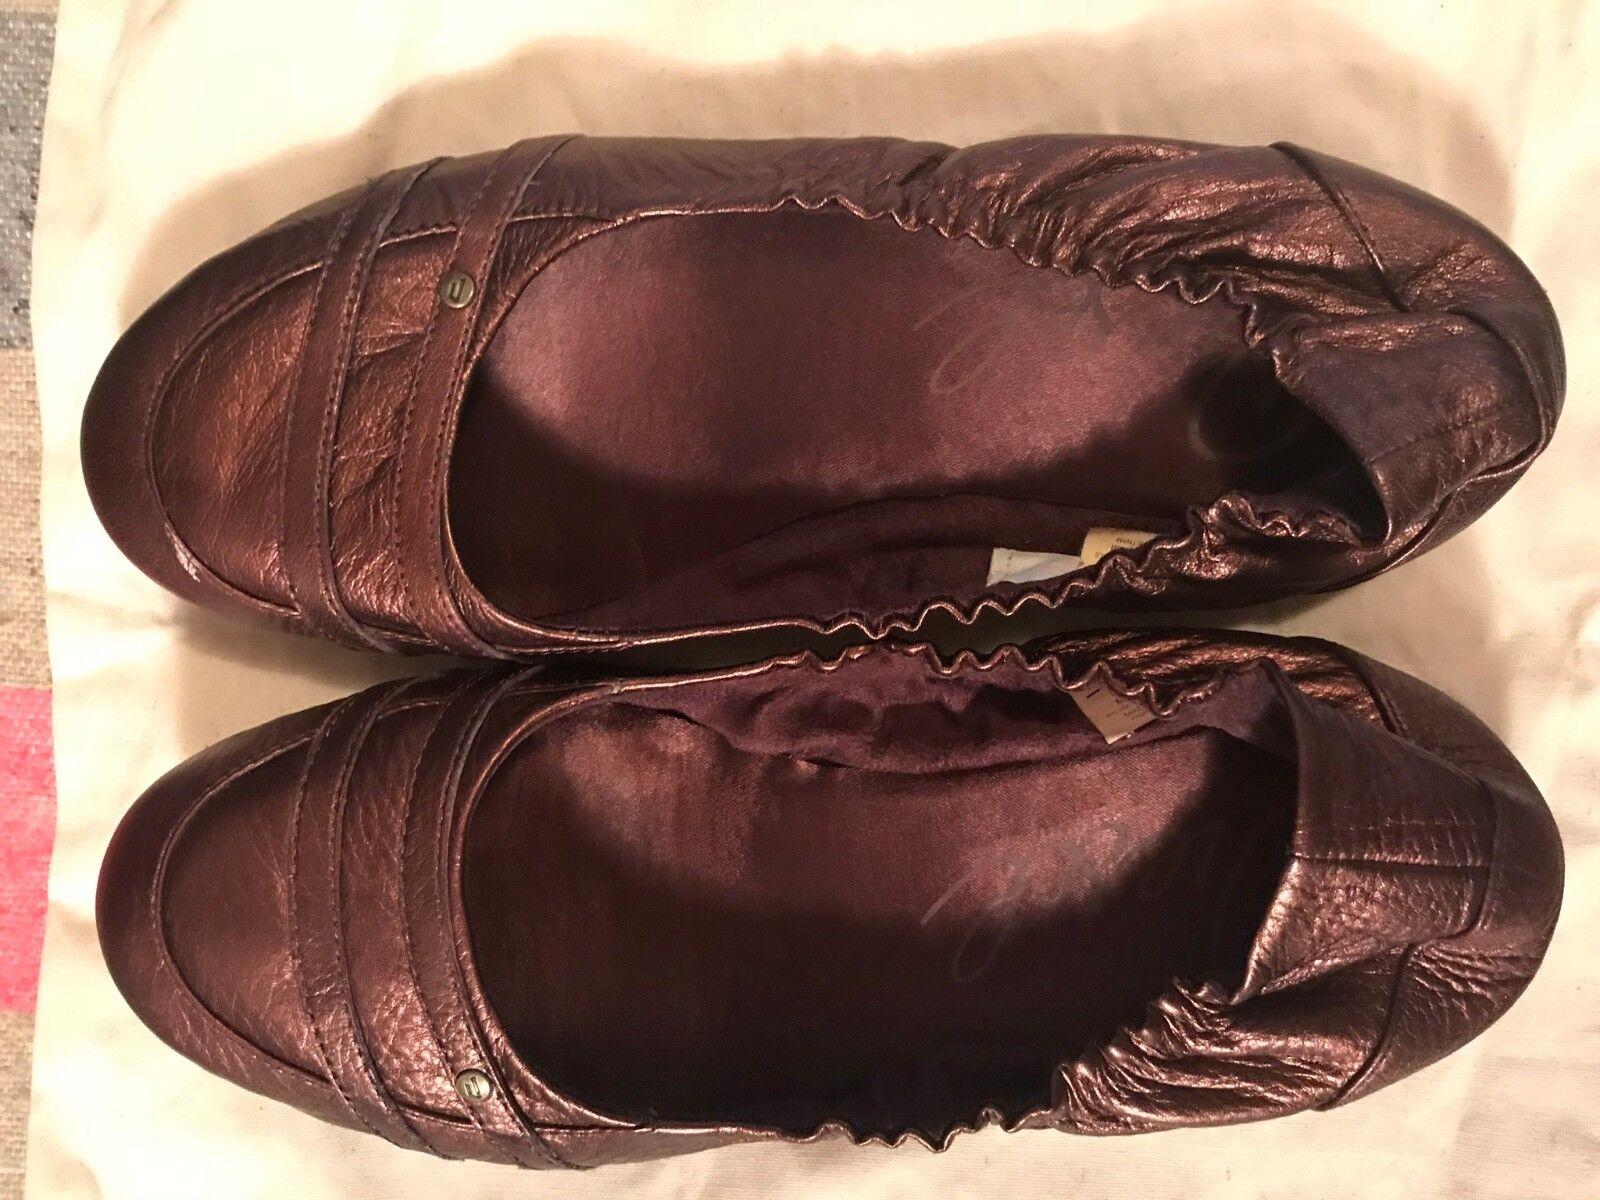 Zapatos Diesel 7.5 'Heather' pisos púrpuraa Uva Talla 7.5 Diesel 38 90f78f